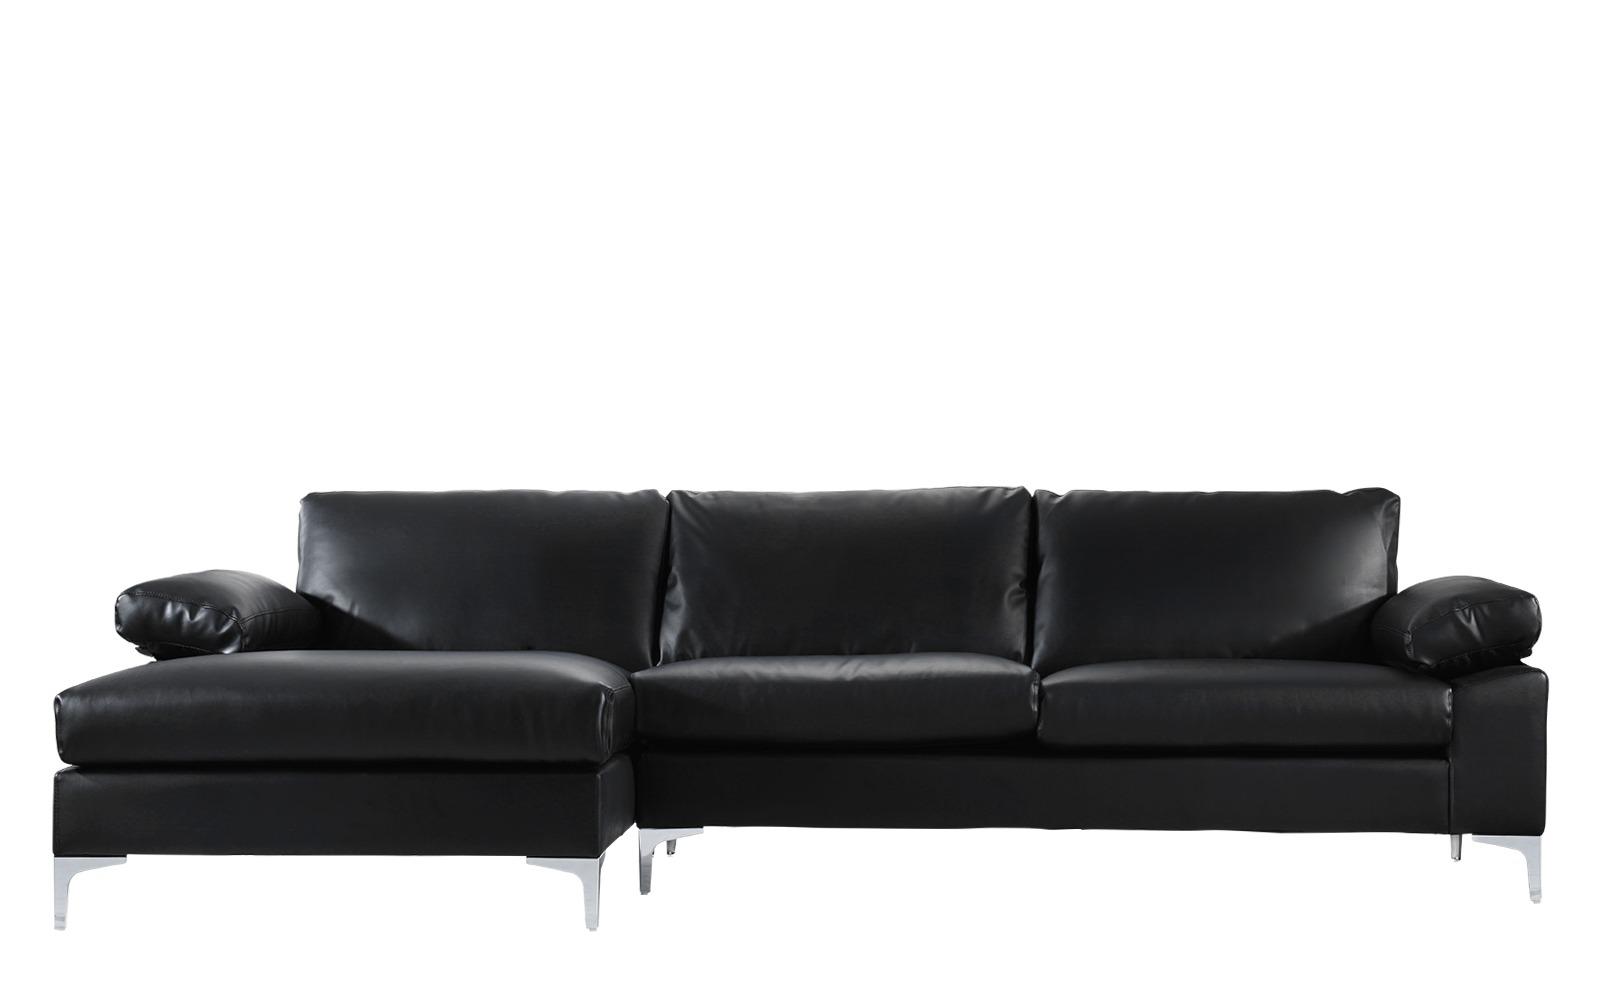 Canapé d'angle 5 places Noir Cuir Contemporain Confort